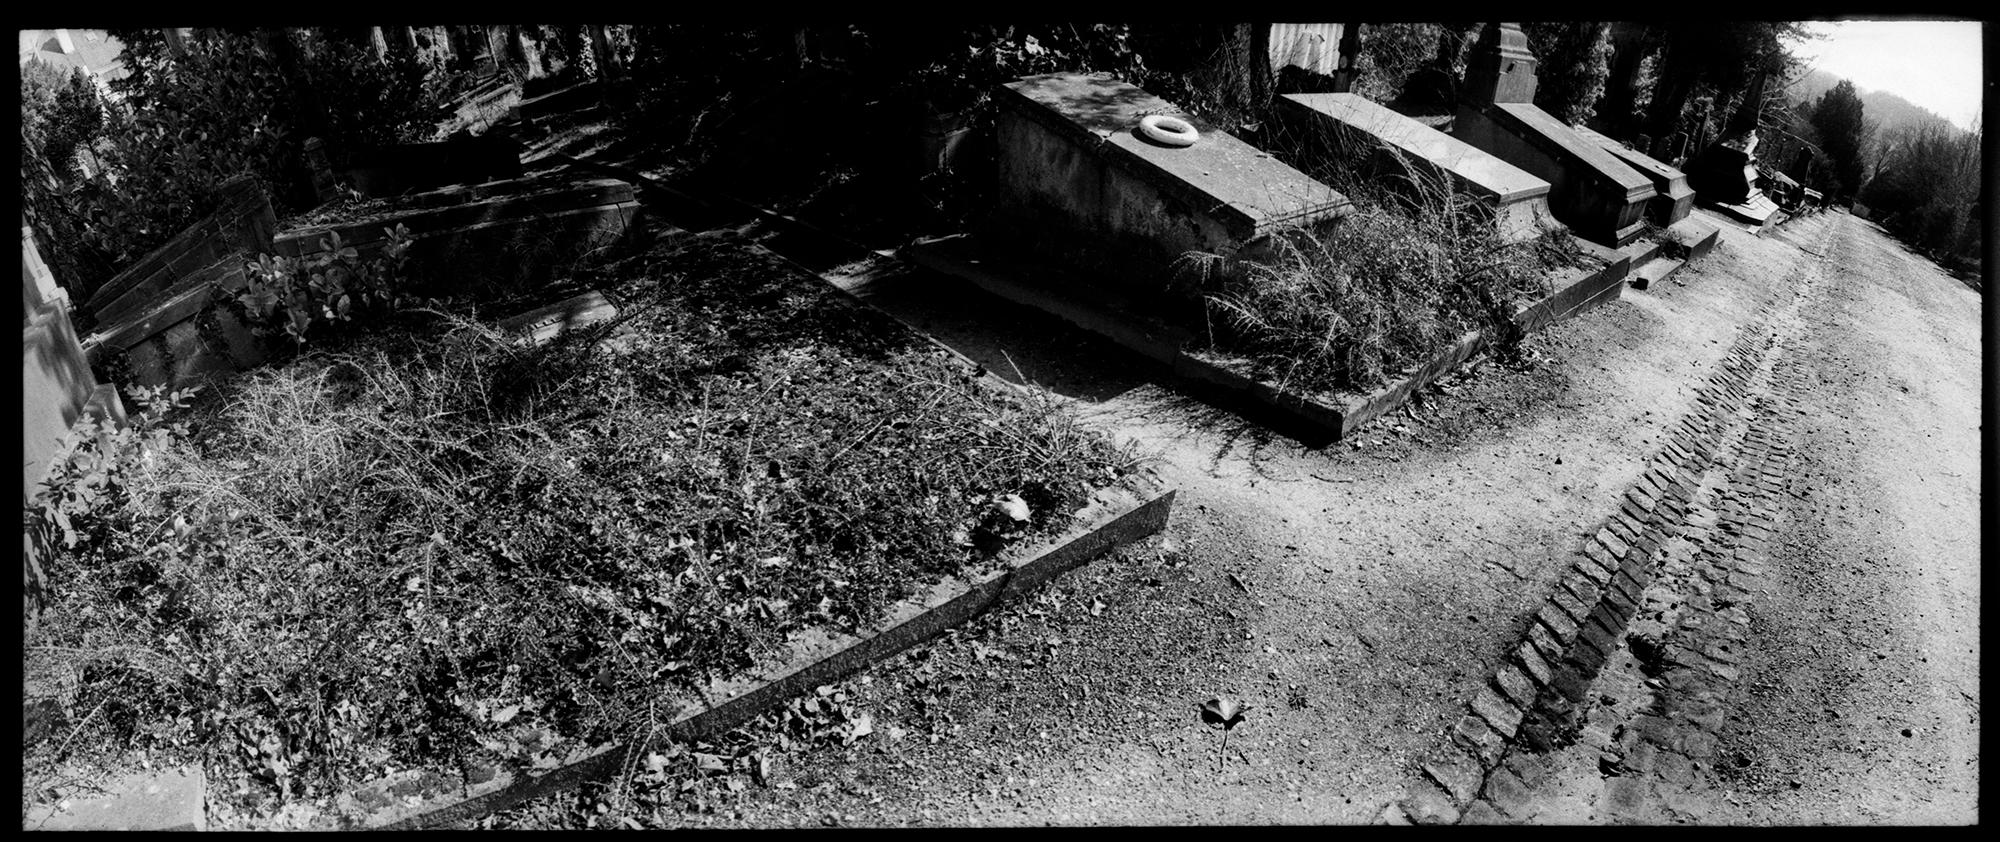 Dieweg Cemetery by Laurent Orseau #43